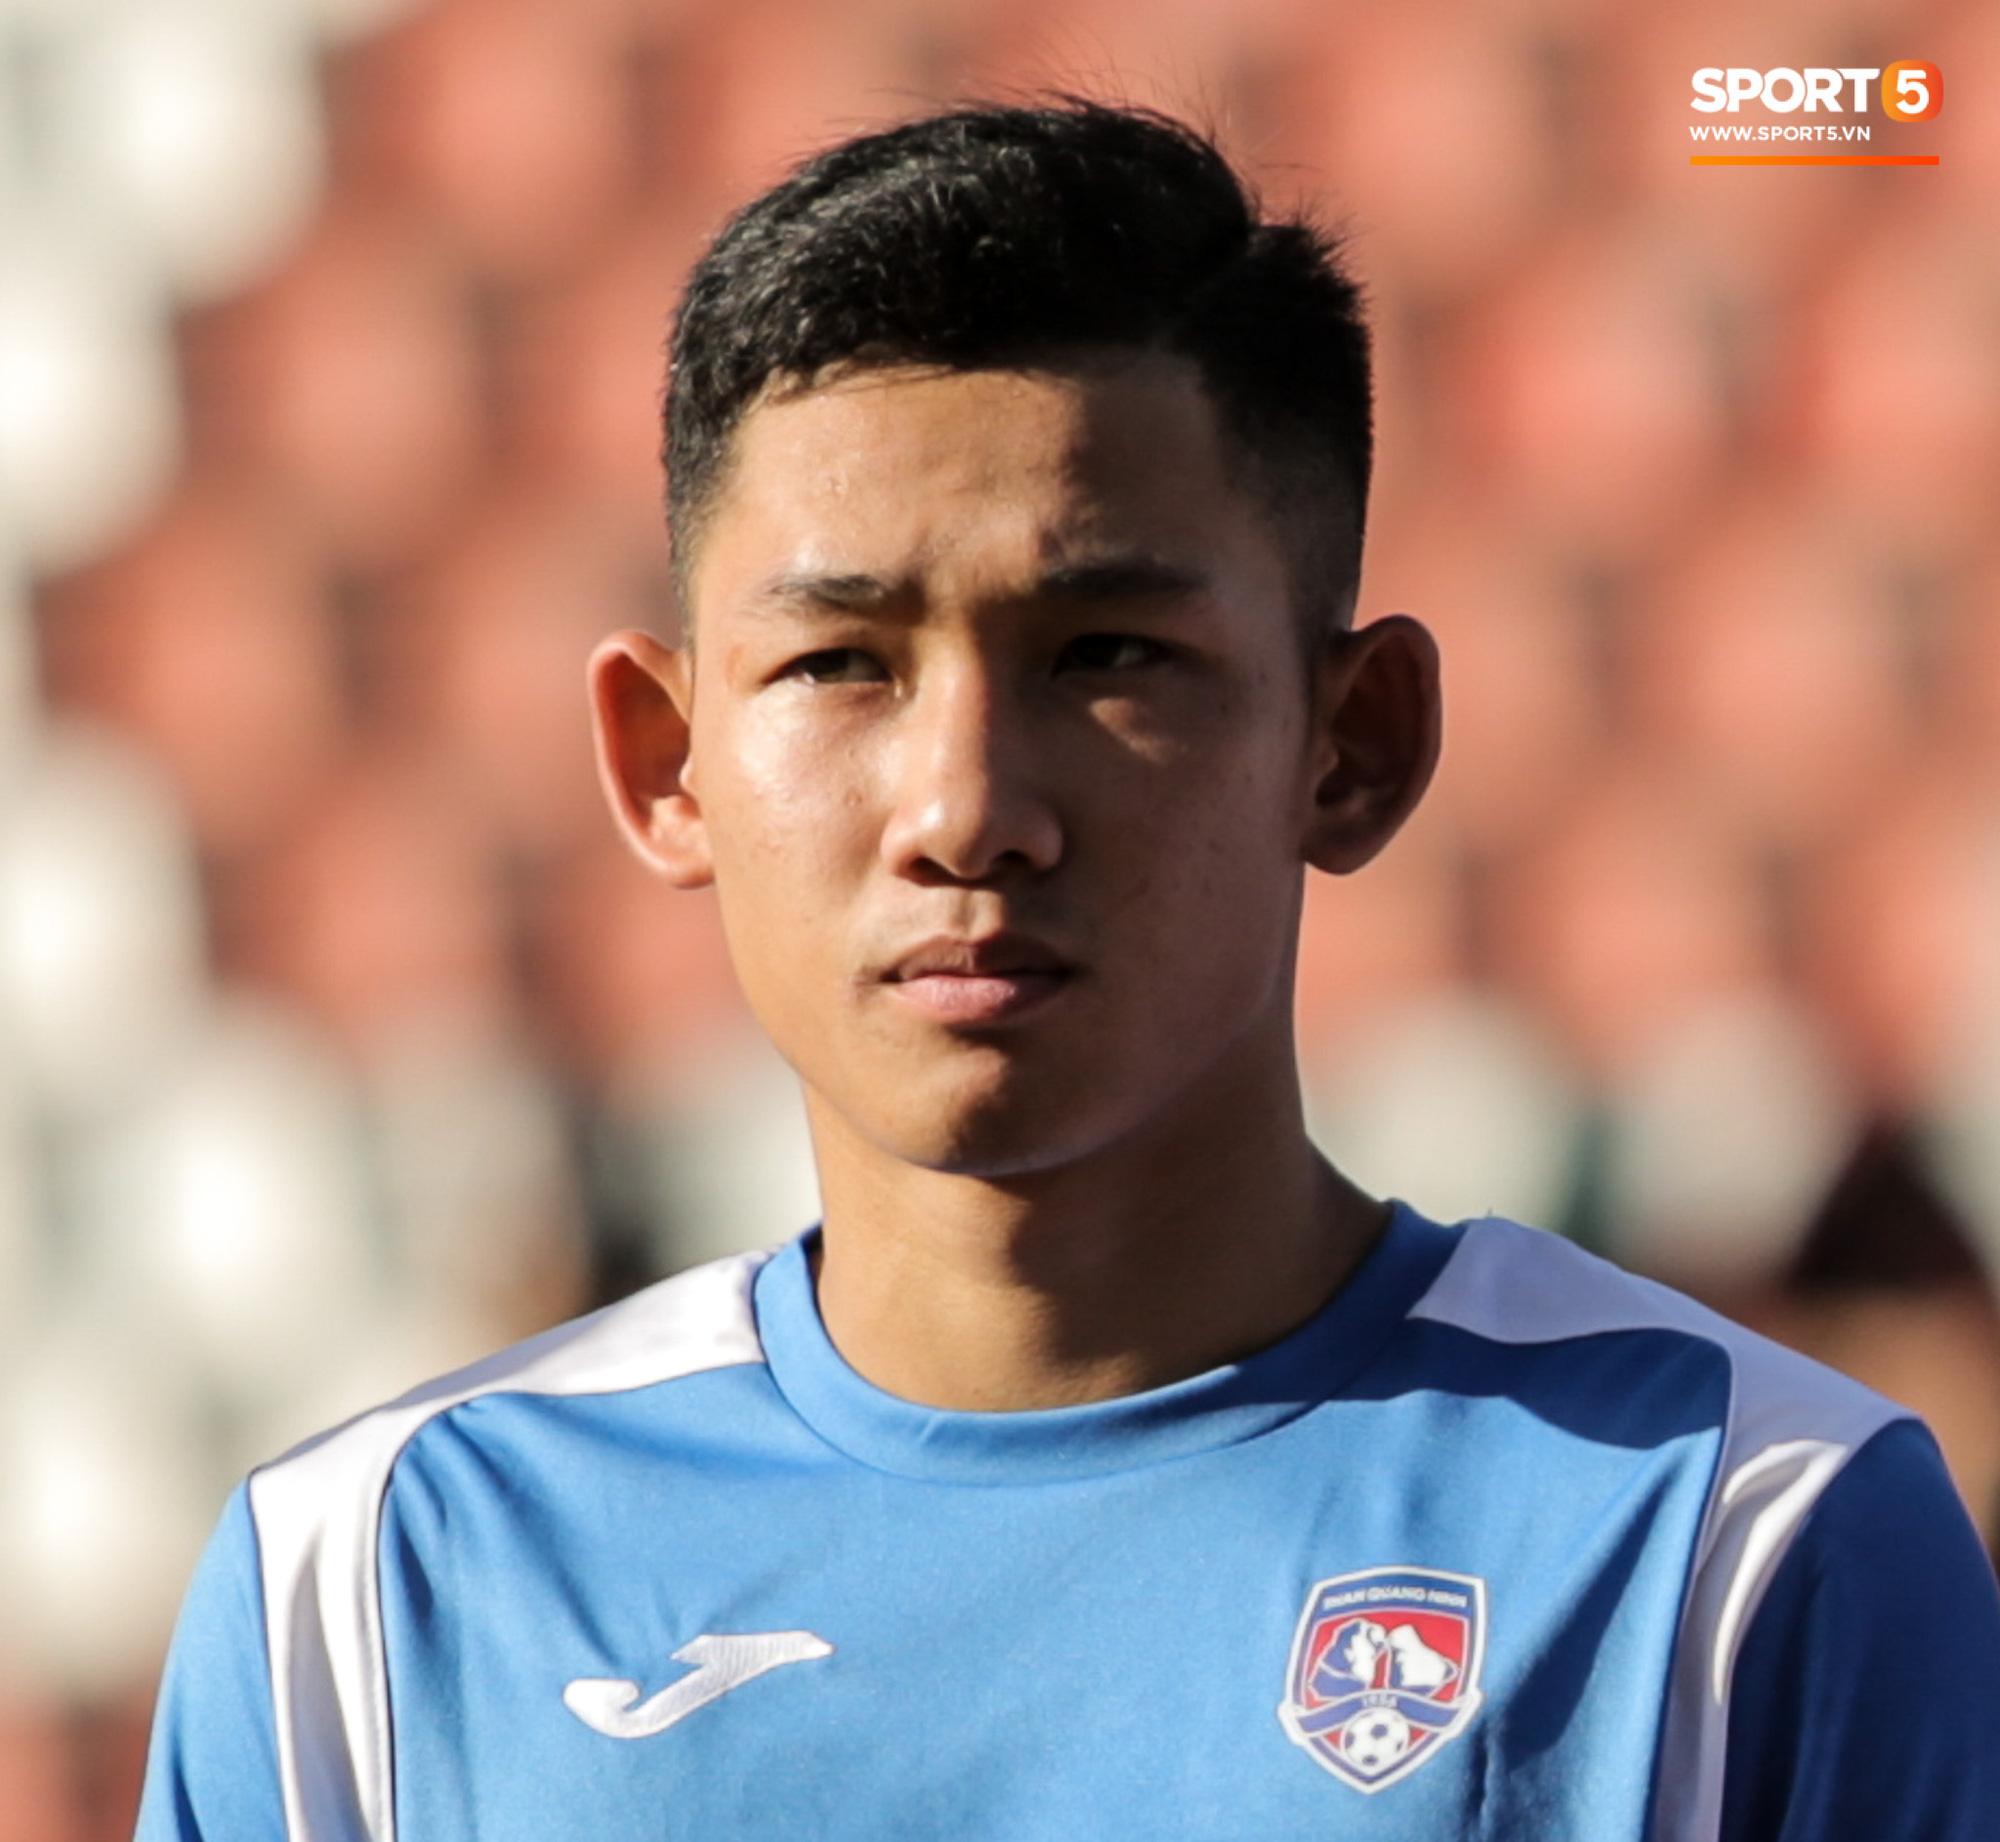 Điểm danh những gương mặt mới nổi của đội tuyển Việt Nam dưới thời HLV Park Hang-seo - ảnh 17